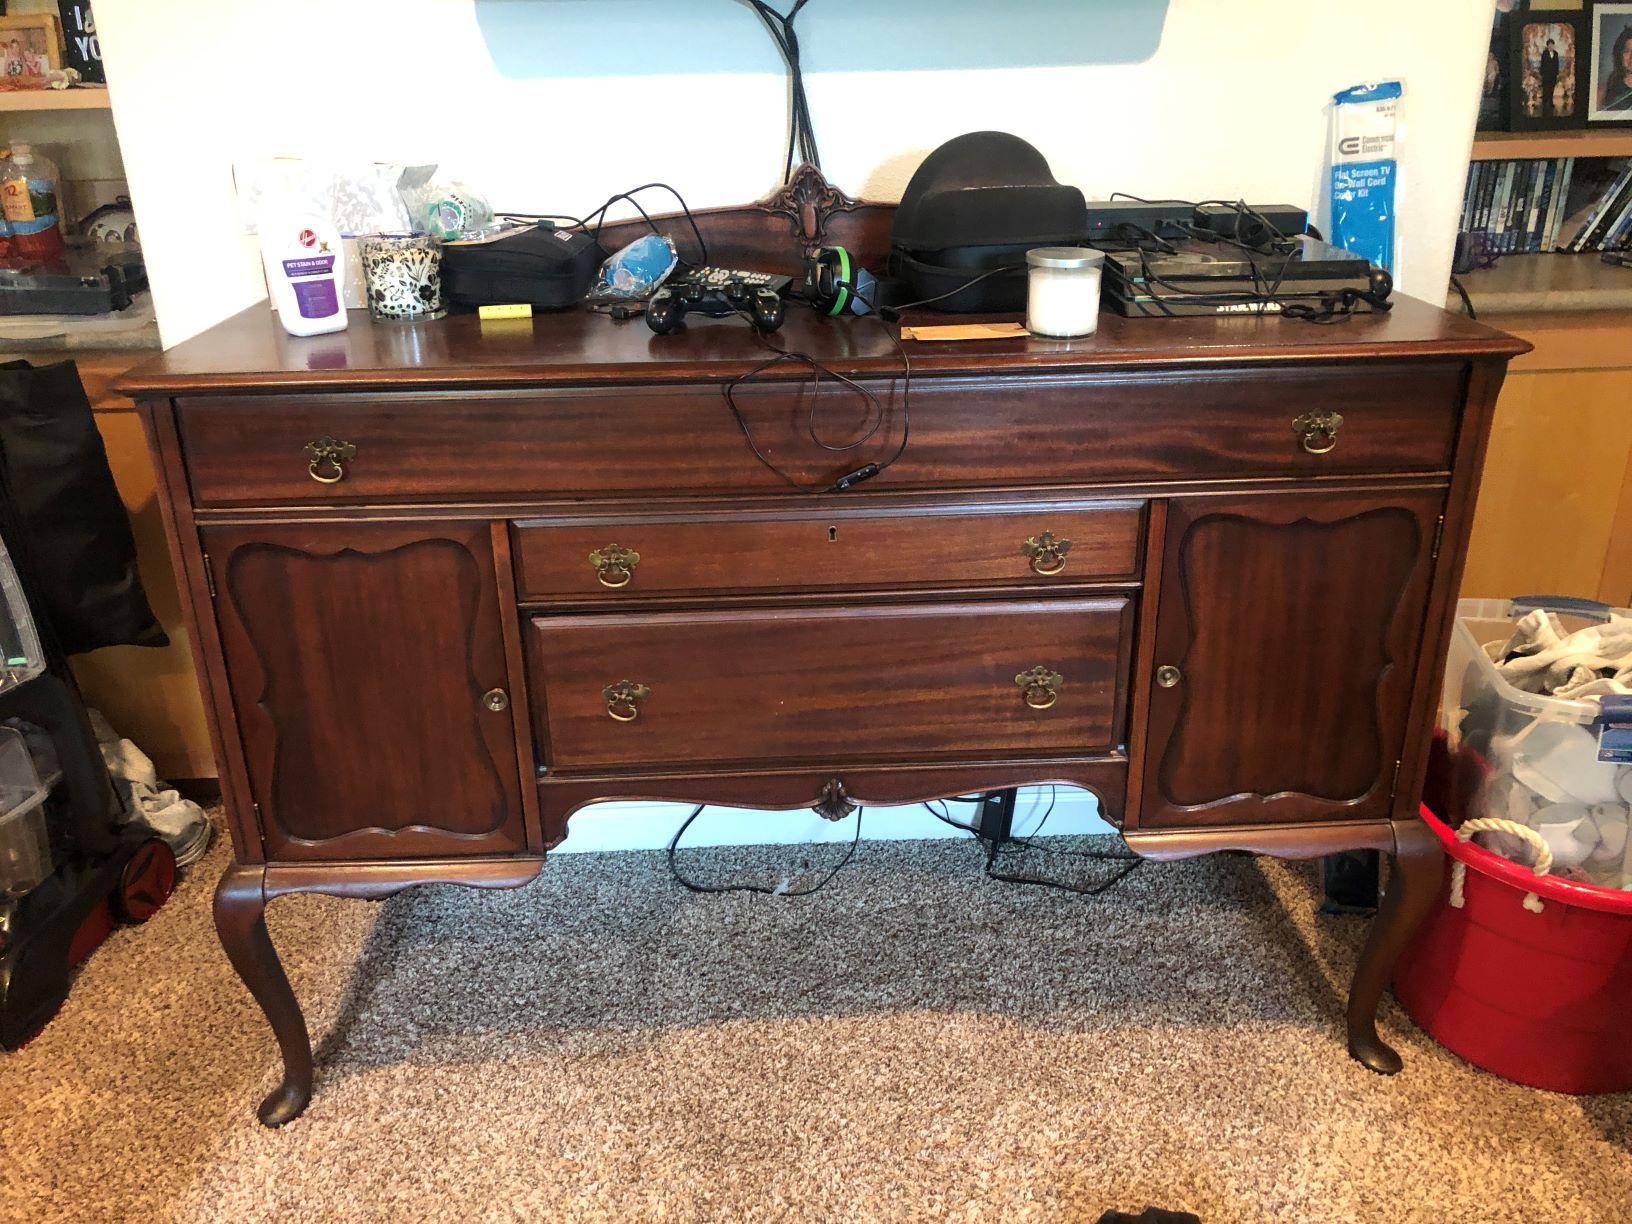 Antique Sideboard Buffet Antique Appraisal Instappraisal